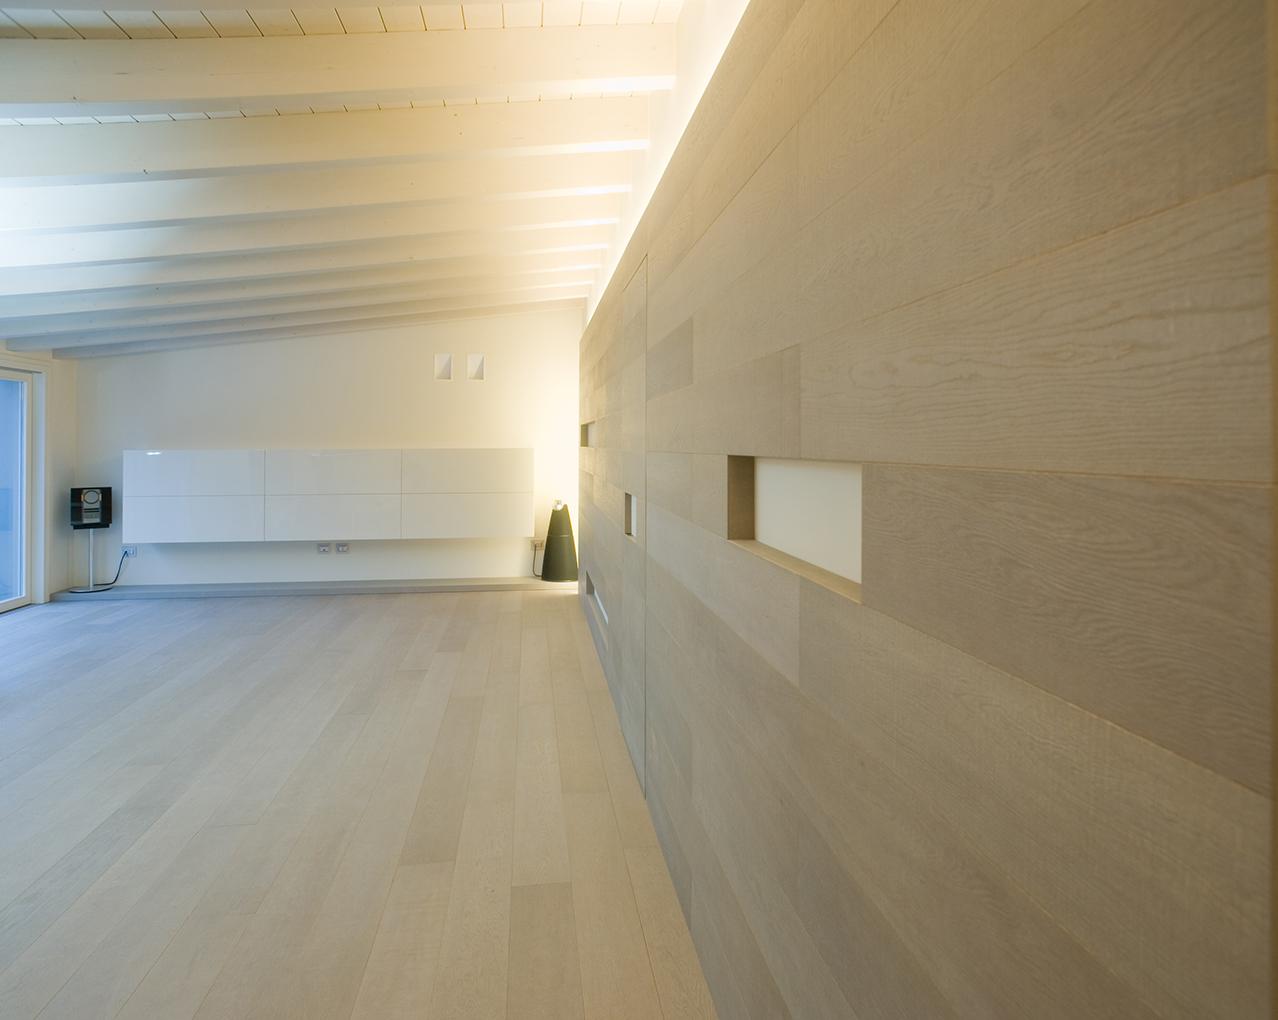 Studio-di-architettura-Baisotti-Sigala-prgetti91